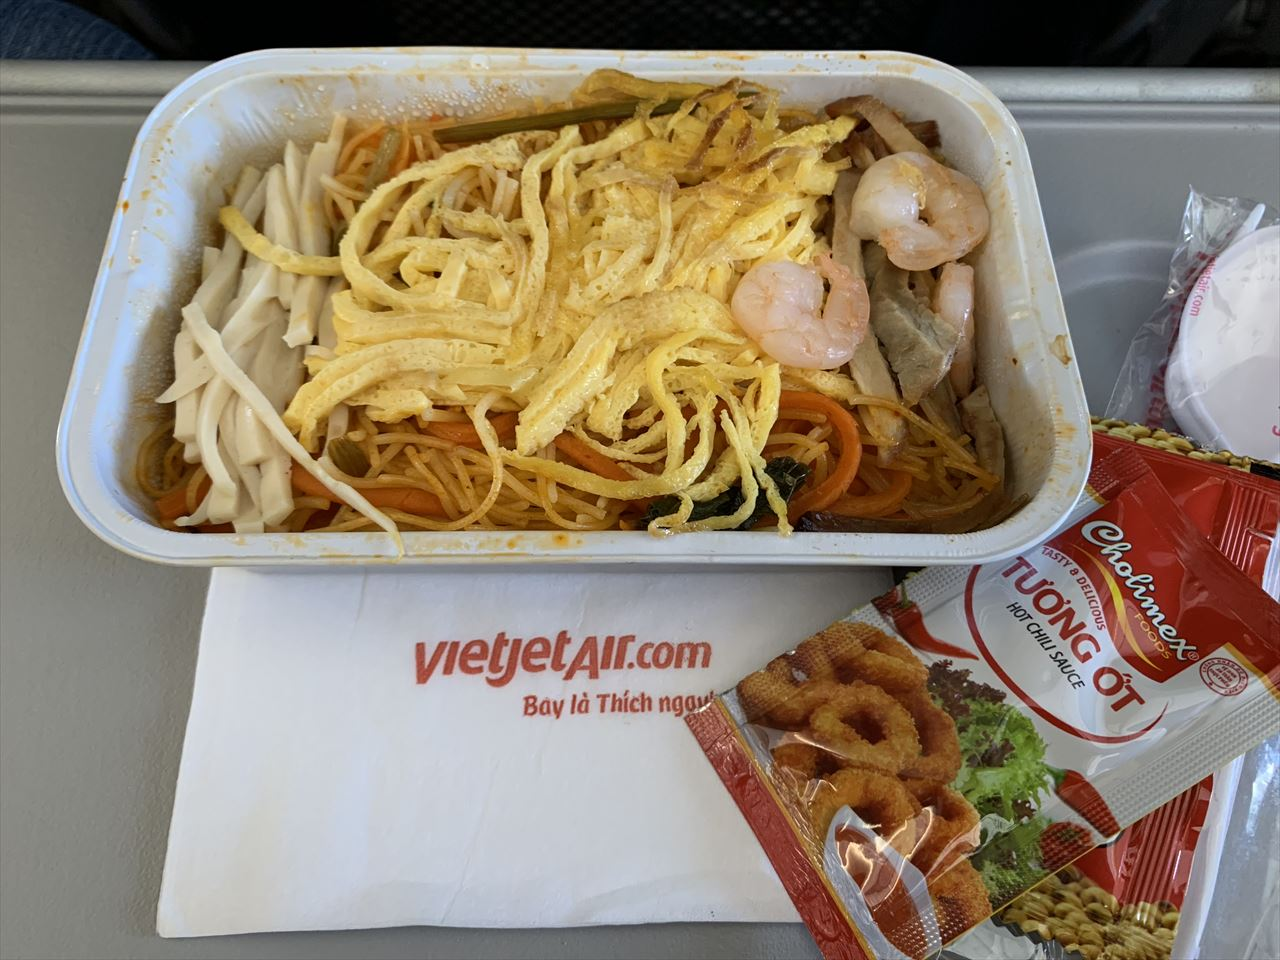 ベトジェットエア機内食 シンガポール風ヌードル